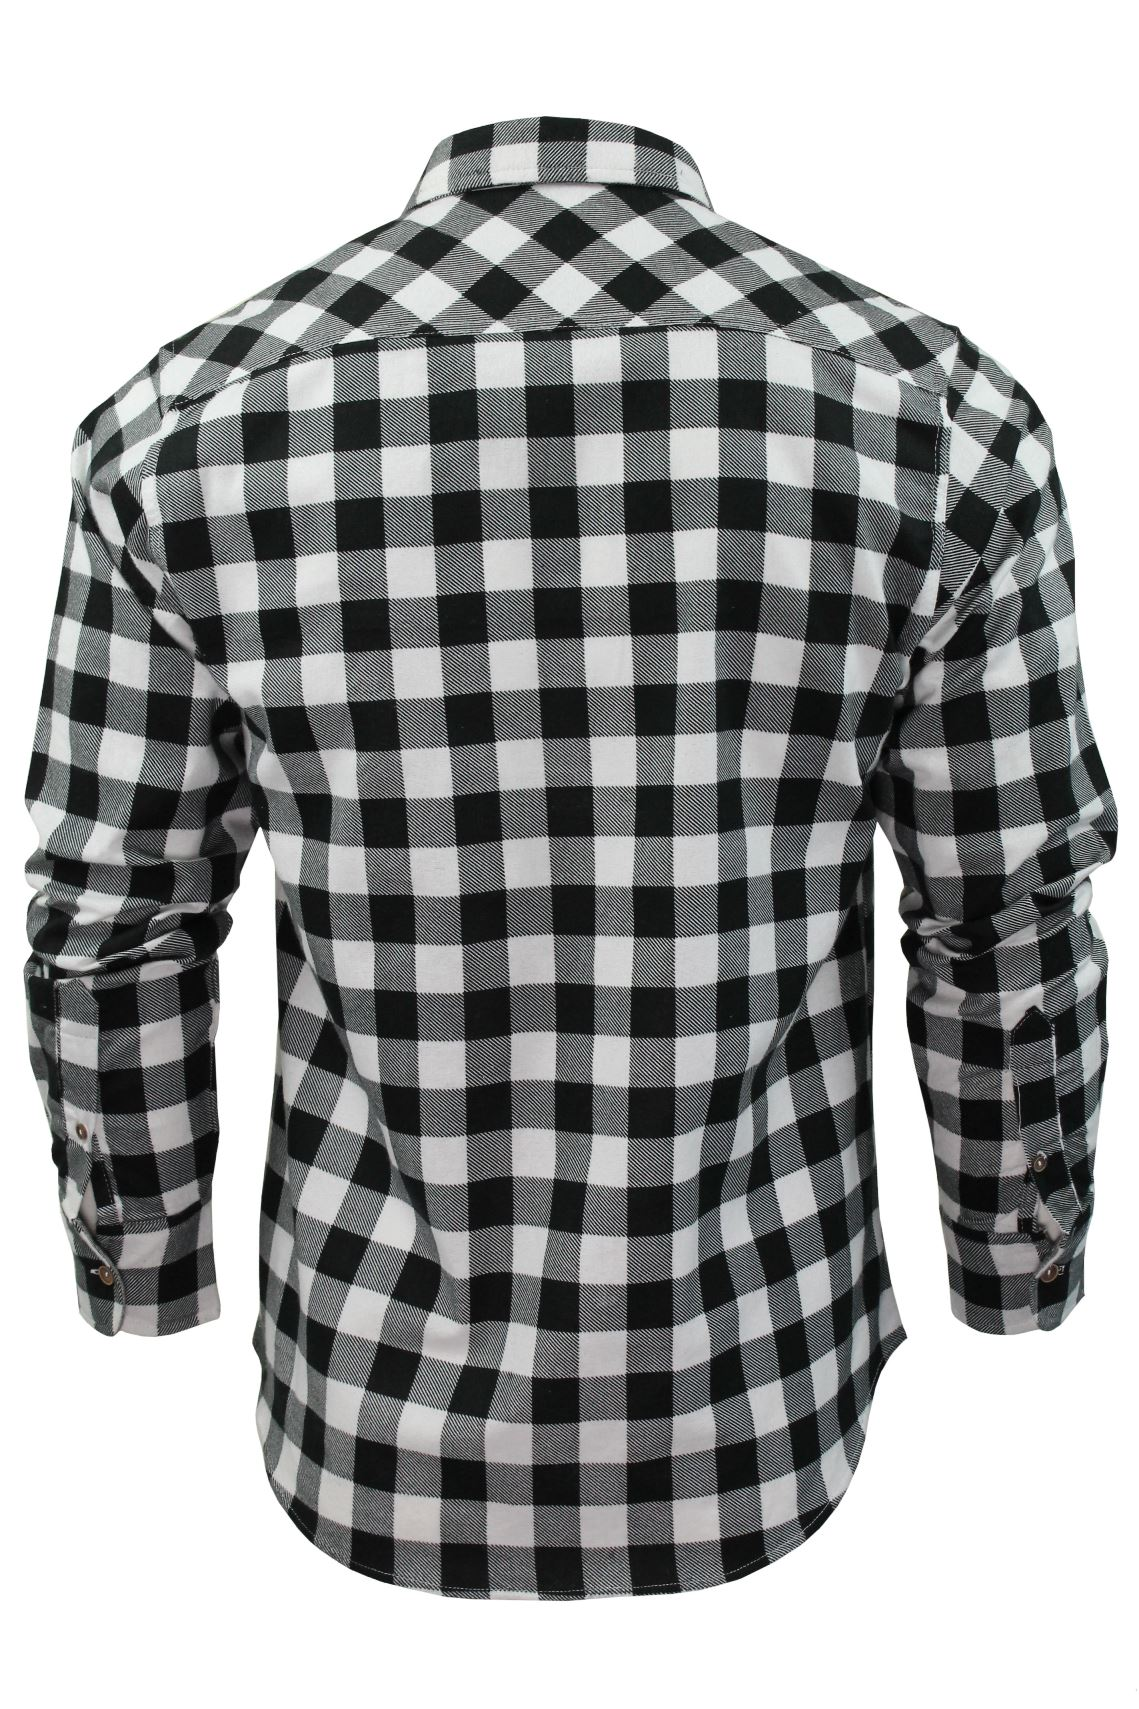 Verificacion-de-franela-de-algodon-cepillado-alma-valiente-camisa-de-mangas-largas-De-Jack miniatura 12